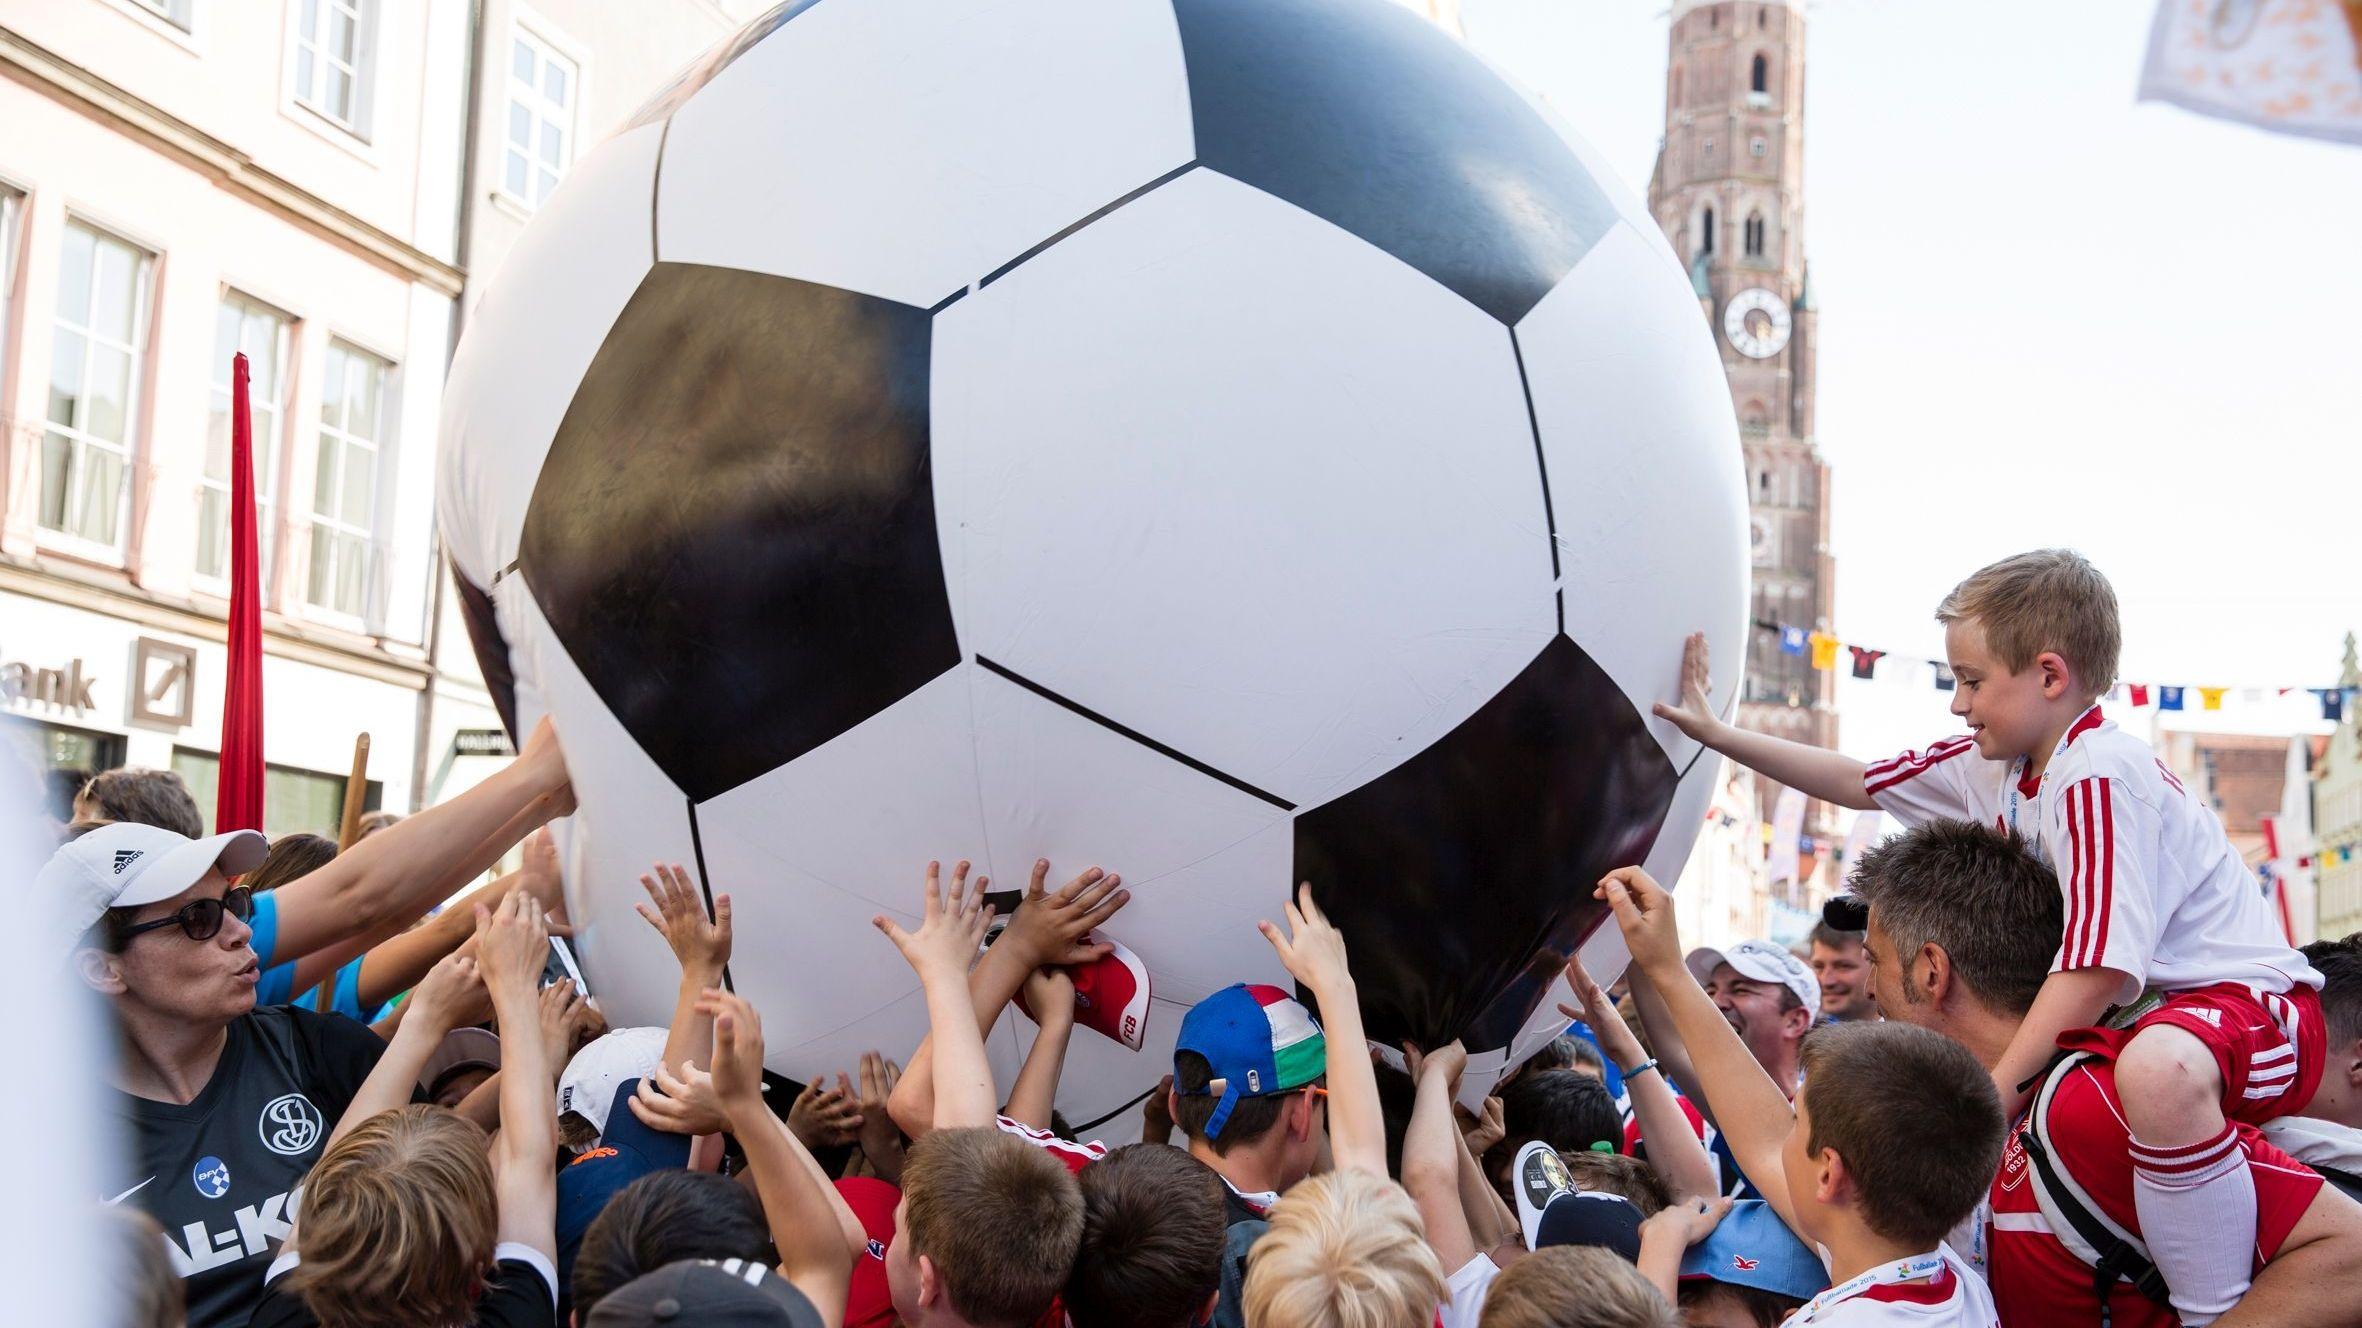 Kinder halten in der Landshuter Fußgängerzone einen überdimensionalen Fußball hoch